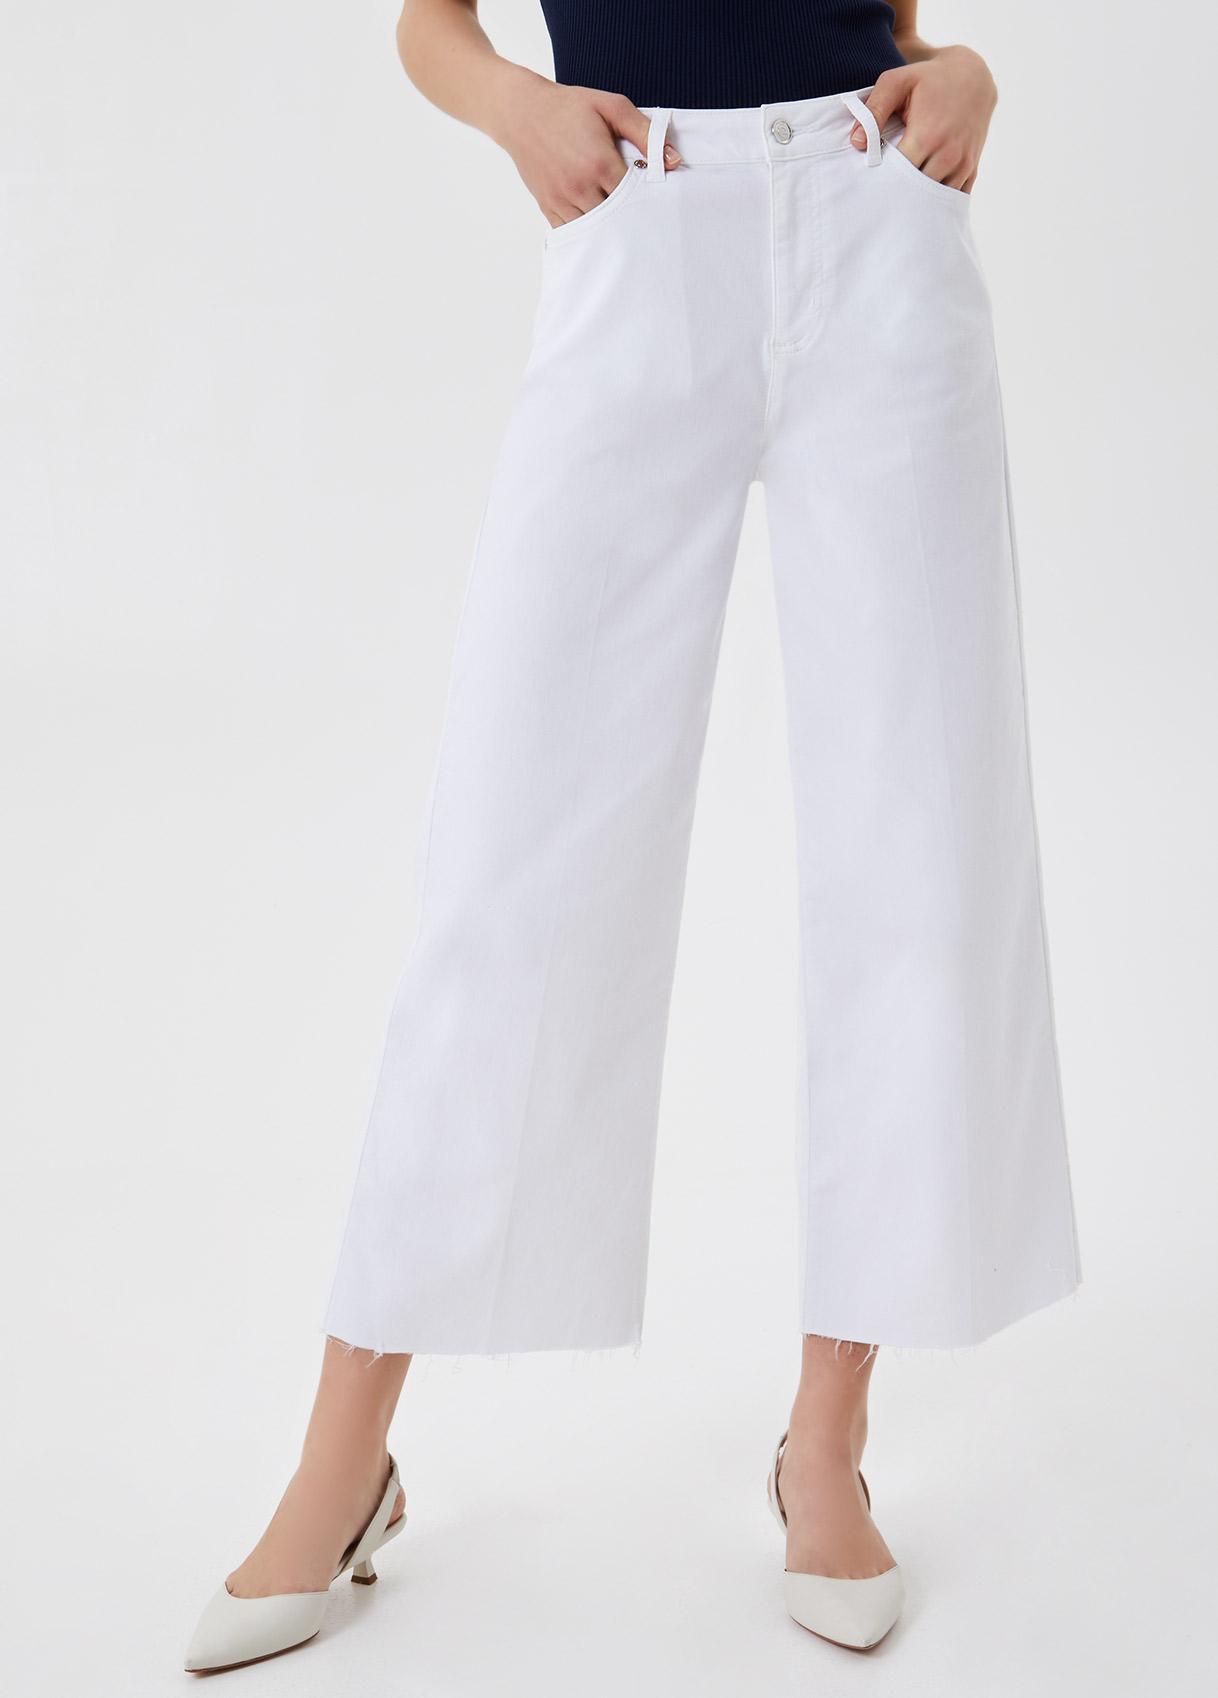 pantalone b.up flare liu jo LIU JO | Pantaloni | WA1114T714411111